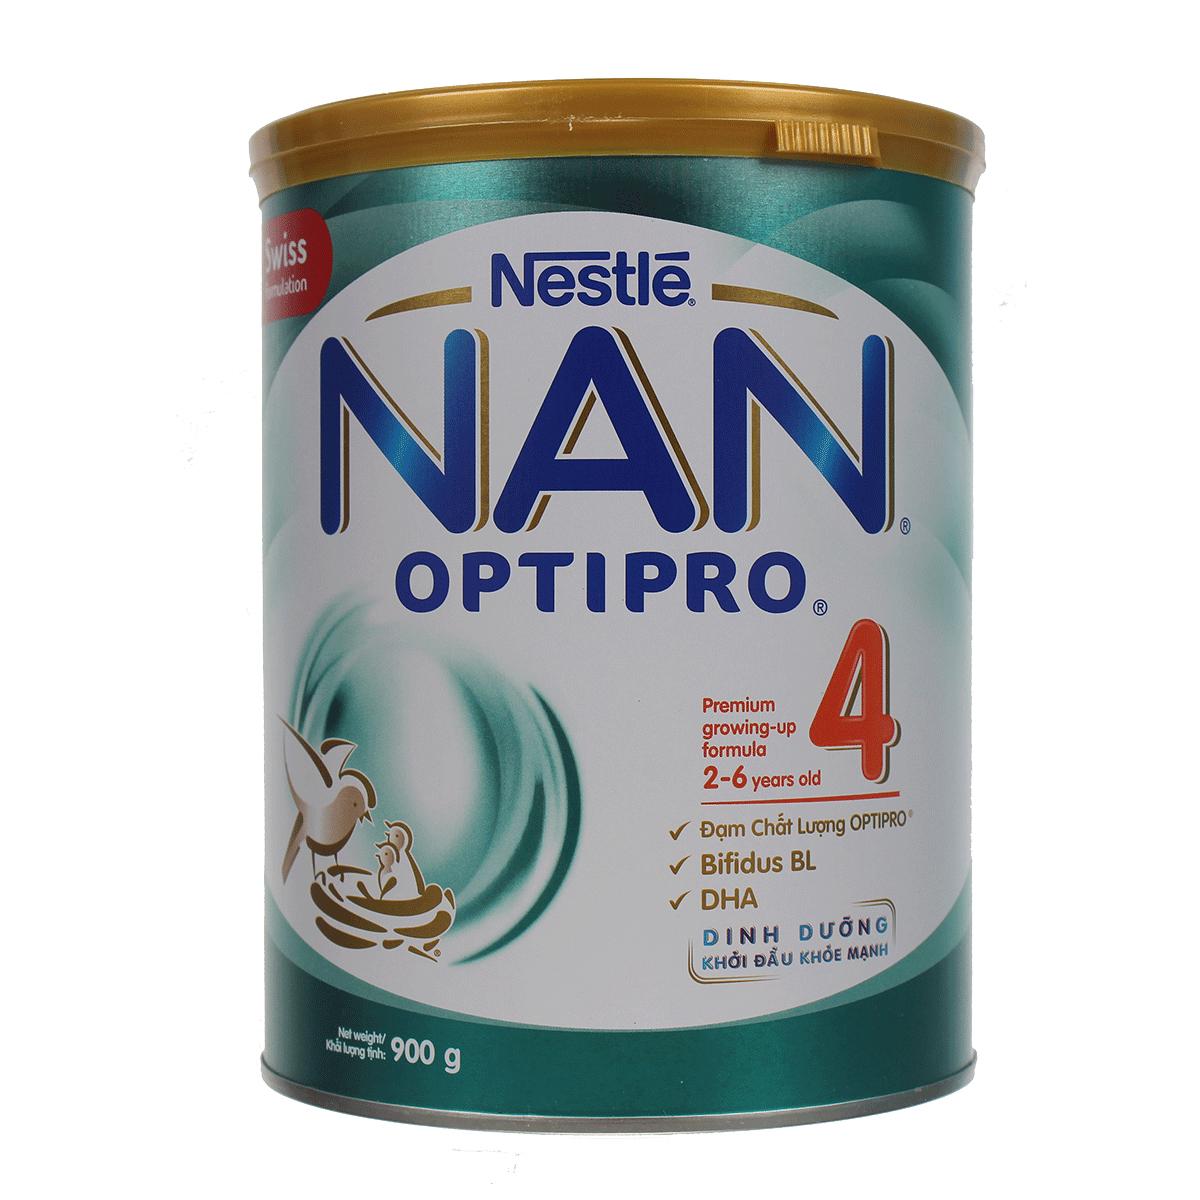 Sữa NAN Optipro 4 giúp hỗ trợ miễn dịch cho trẻ từ 2 đến 6 tuổi